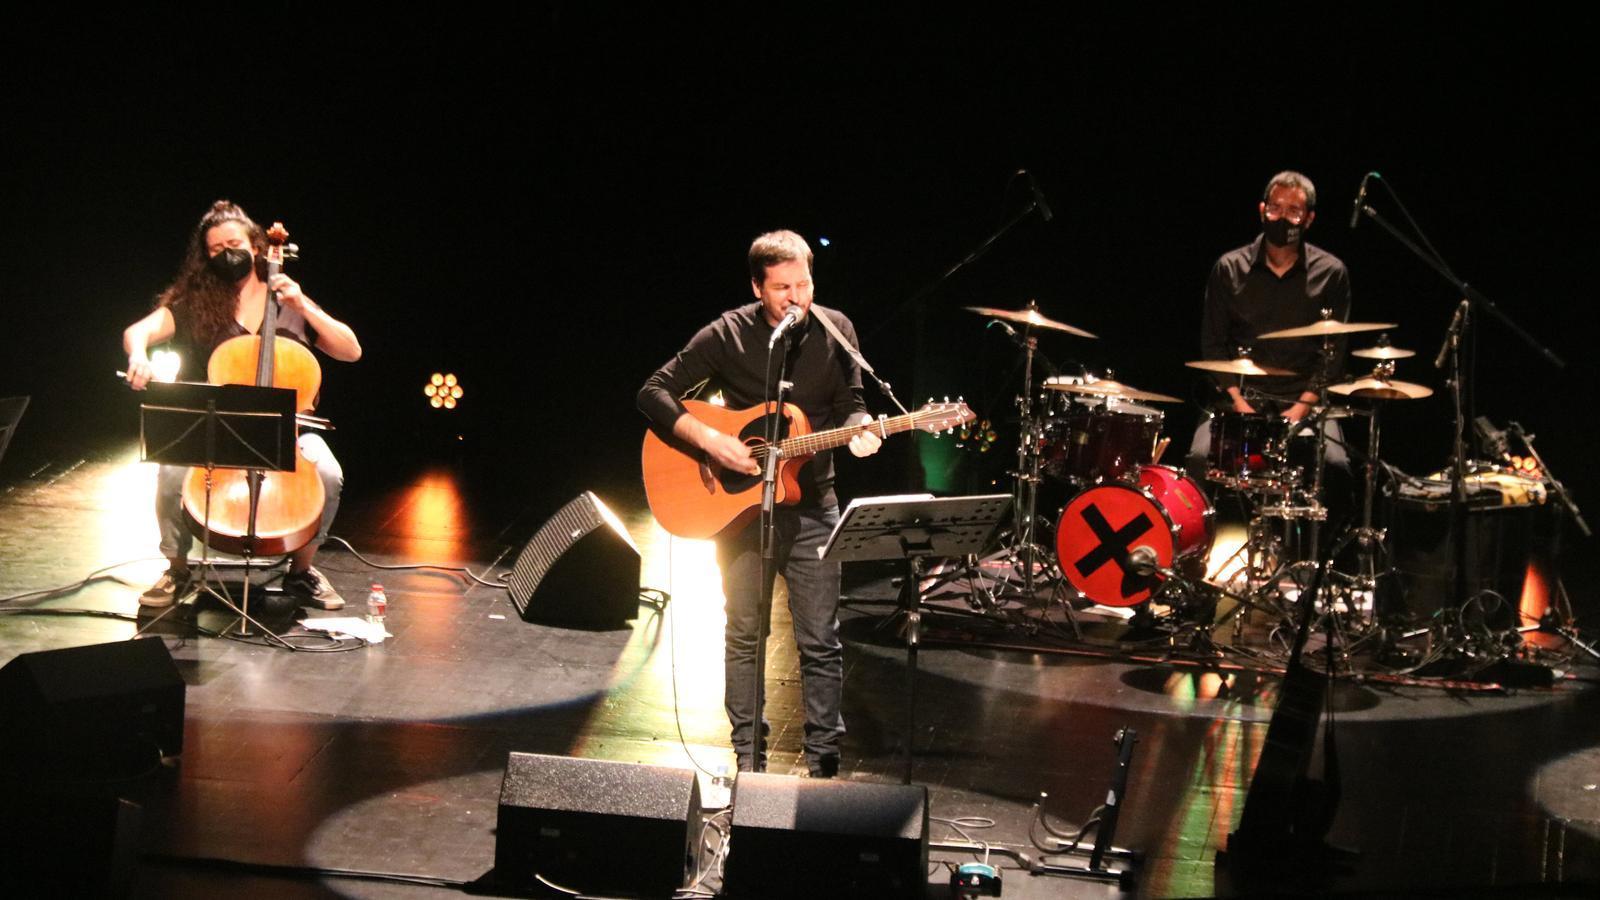 Pau Alabajos durant el concert d'inauguració del Festival BarnaSants al Teatre Joventut de l'Hospitalet de Llobregat.